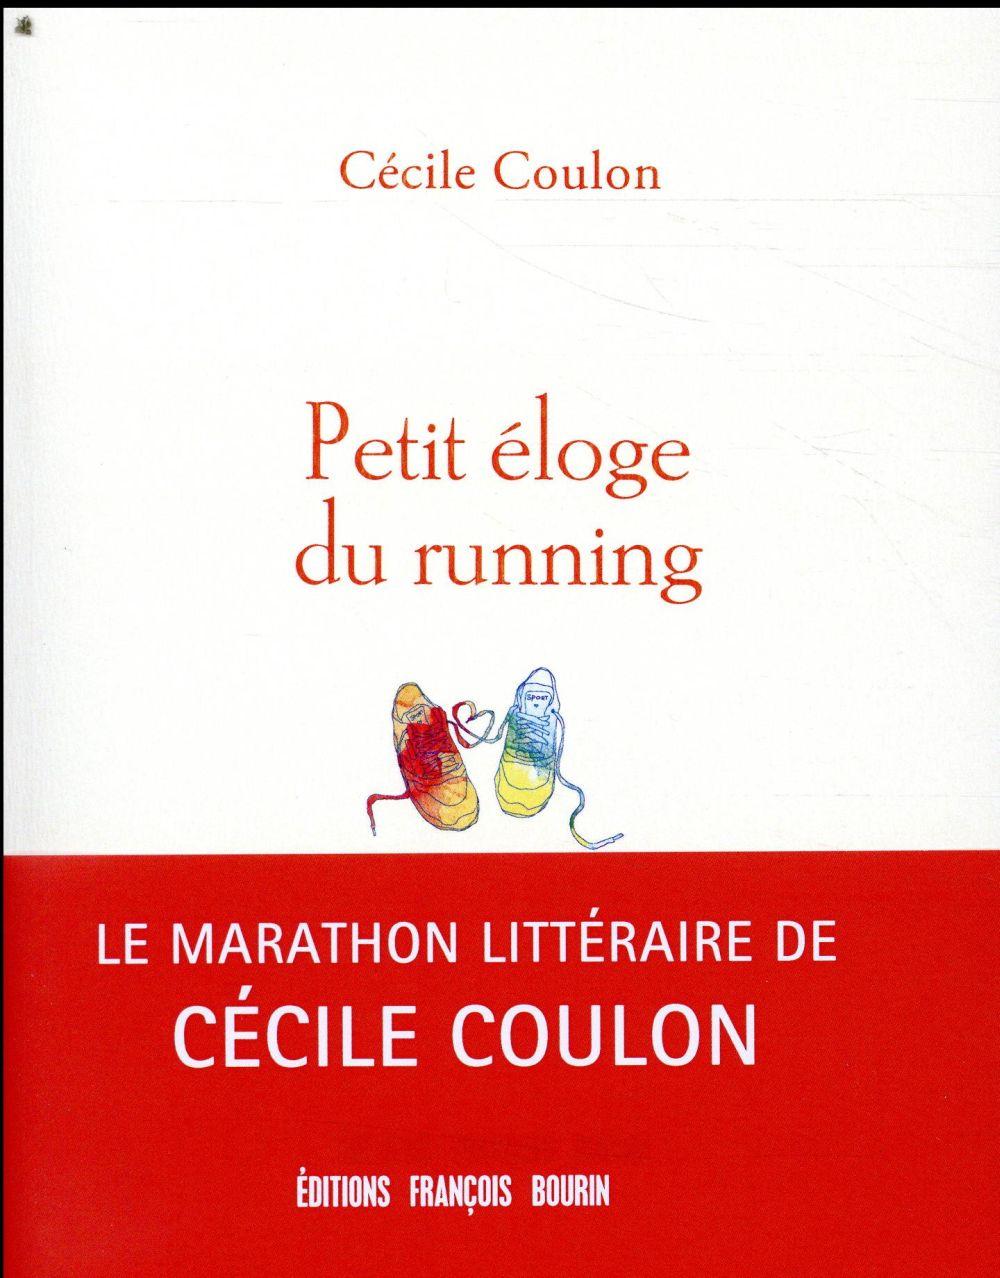 PETIT ELOGE DU RUNNING